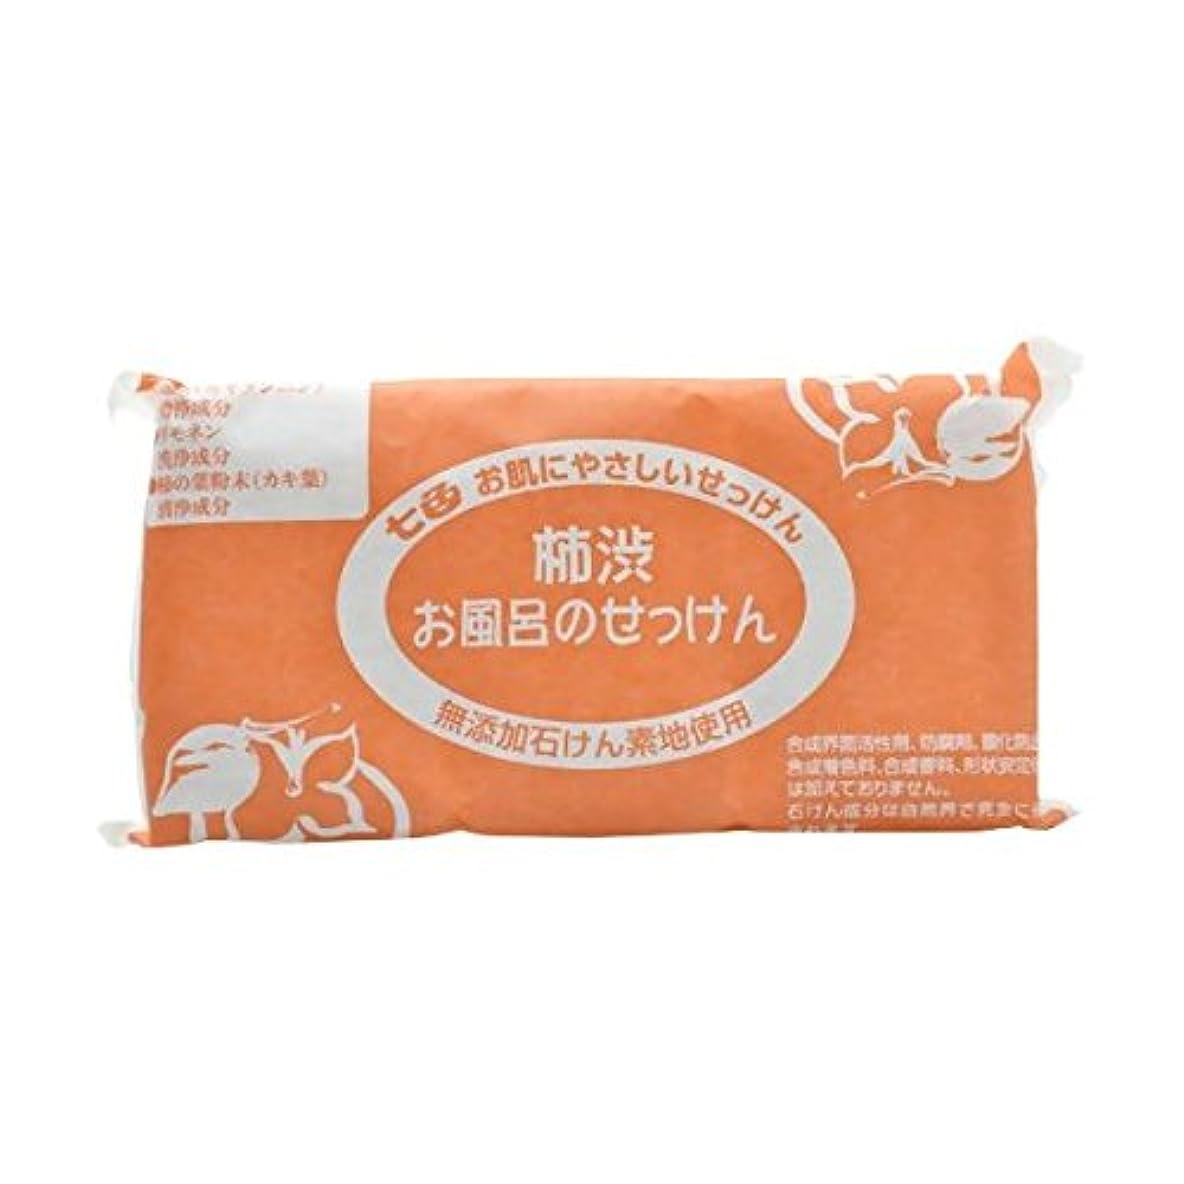 ベイビー騙す生態学(まとめ買い)七色 お風呂のせっけん 柿渋(無添加石鹸) 100g×3個入×9セット